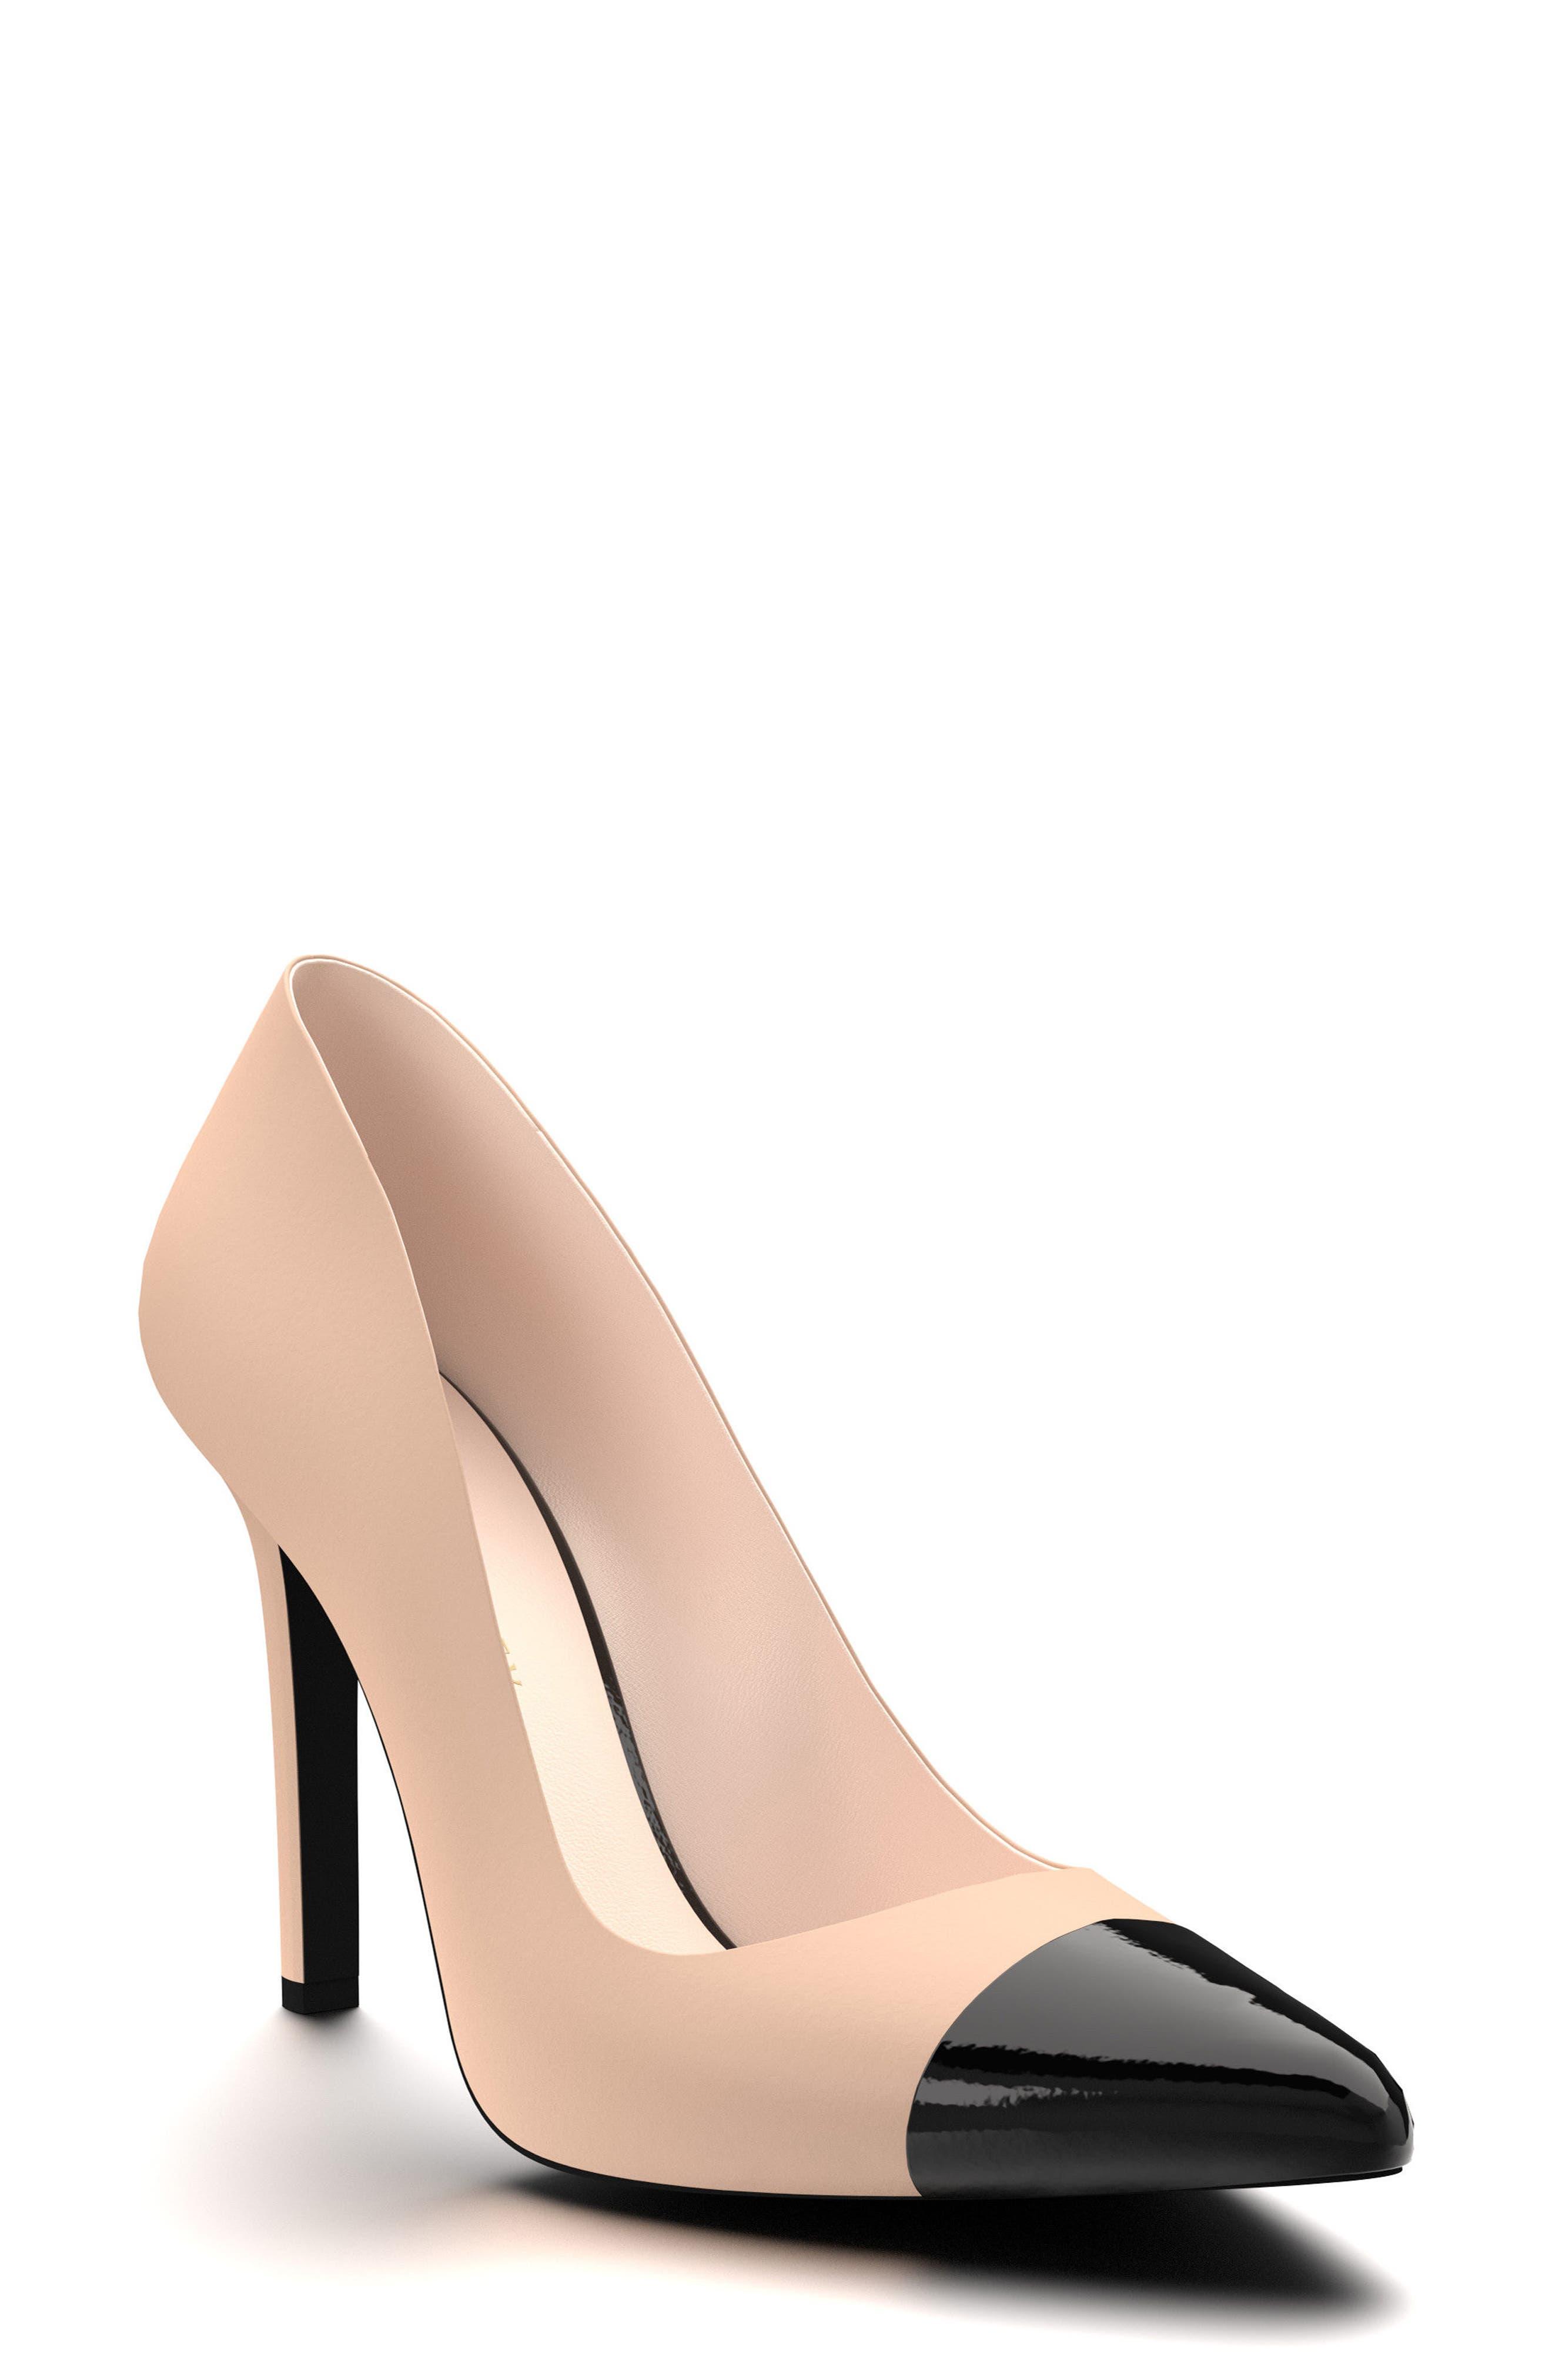 Alternate Image 1 Selected - Shoes of Prey Cap Toe Pump (Women)